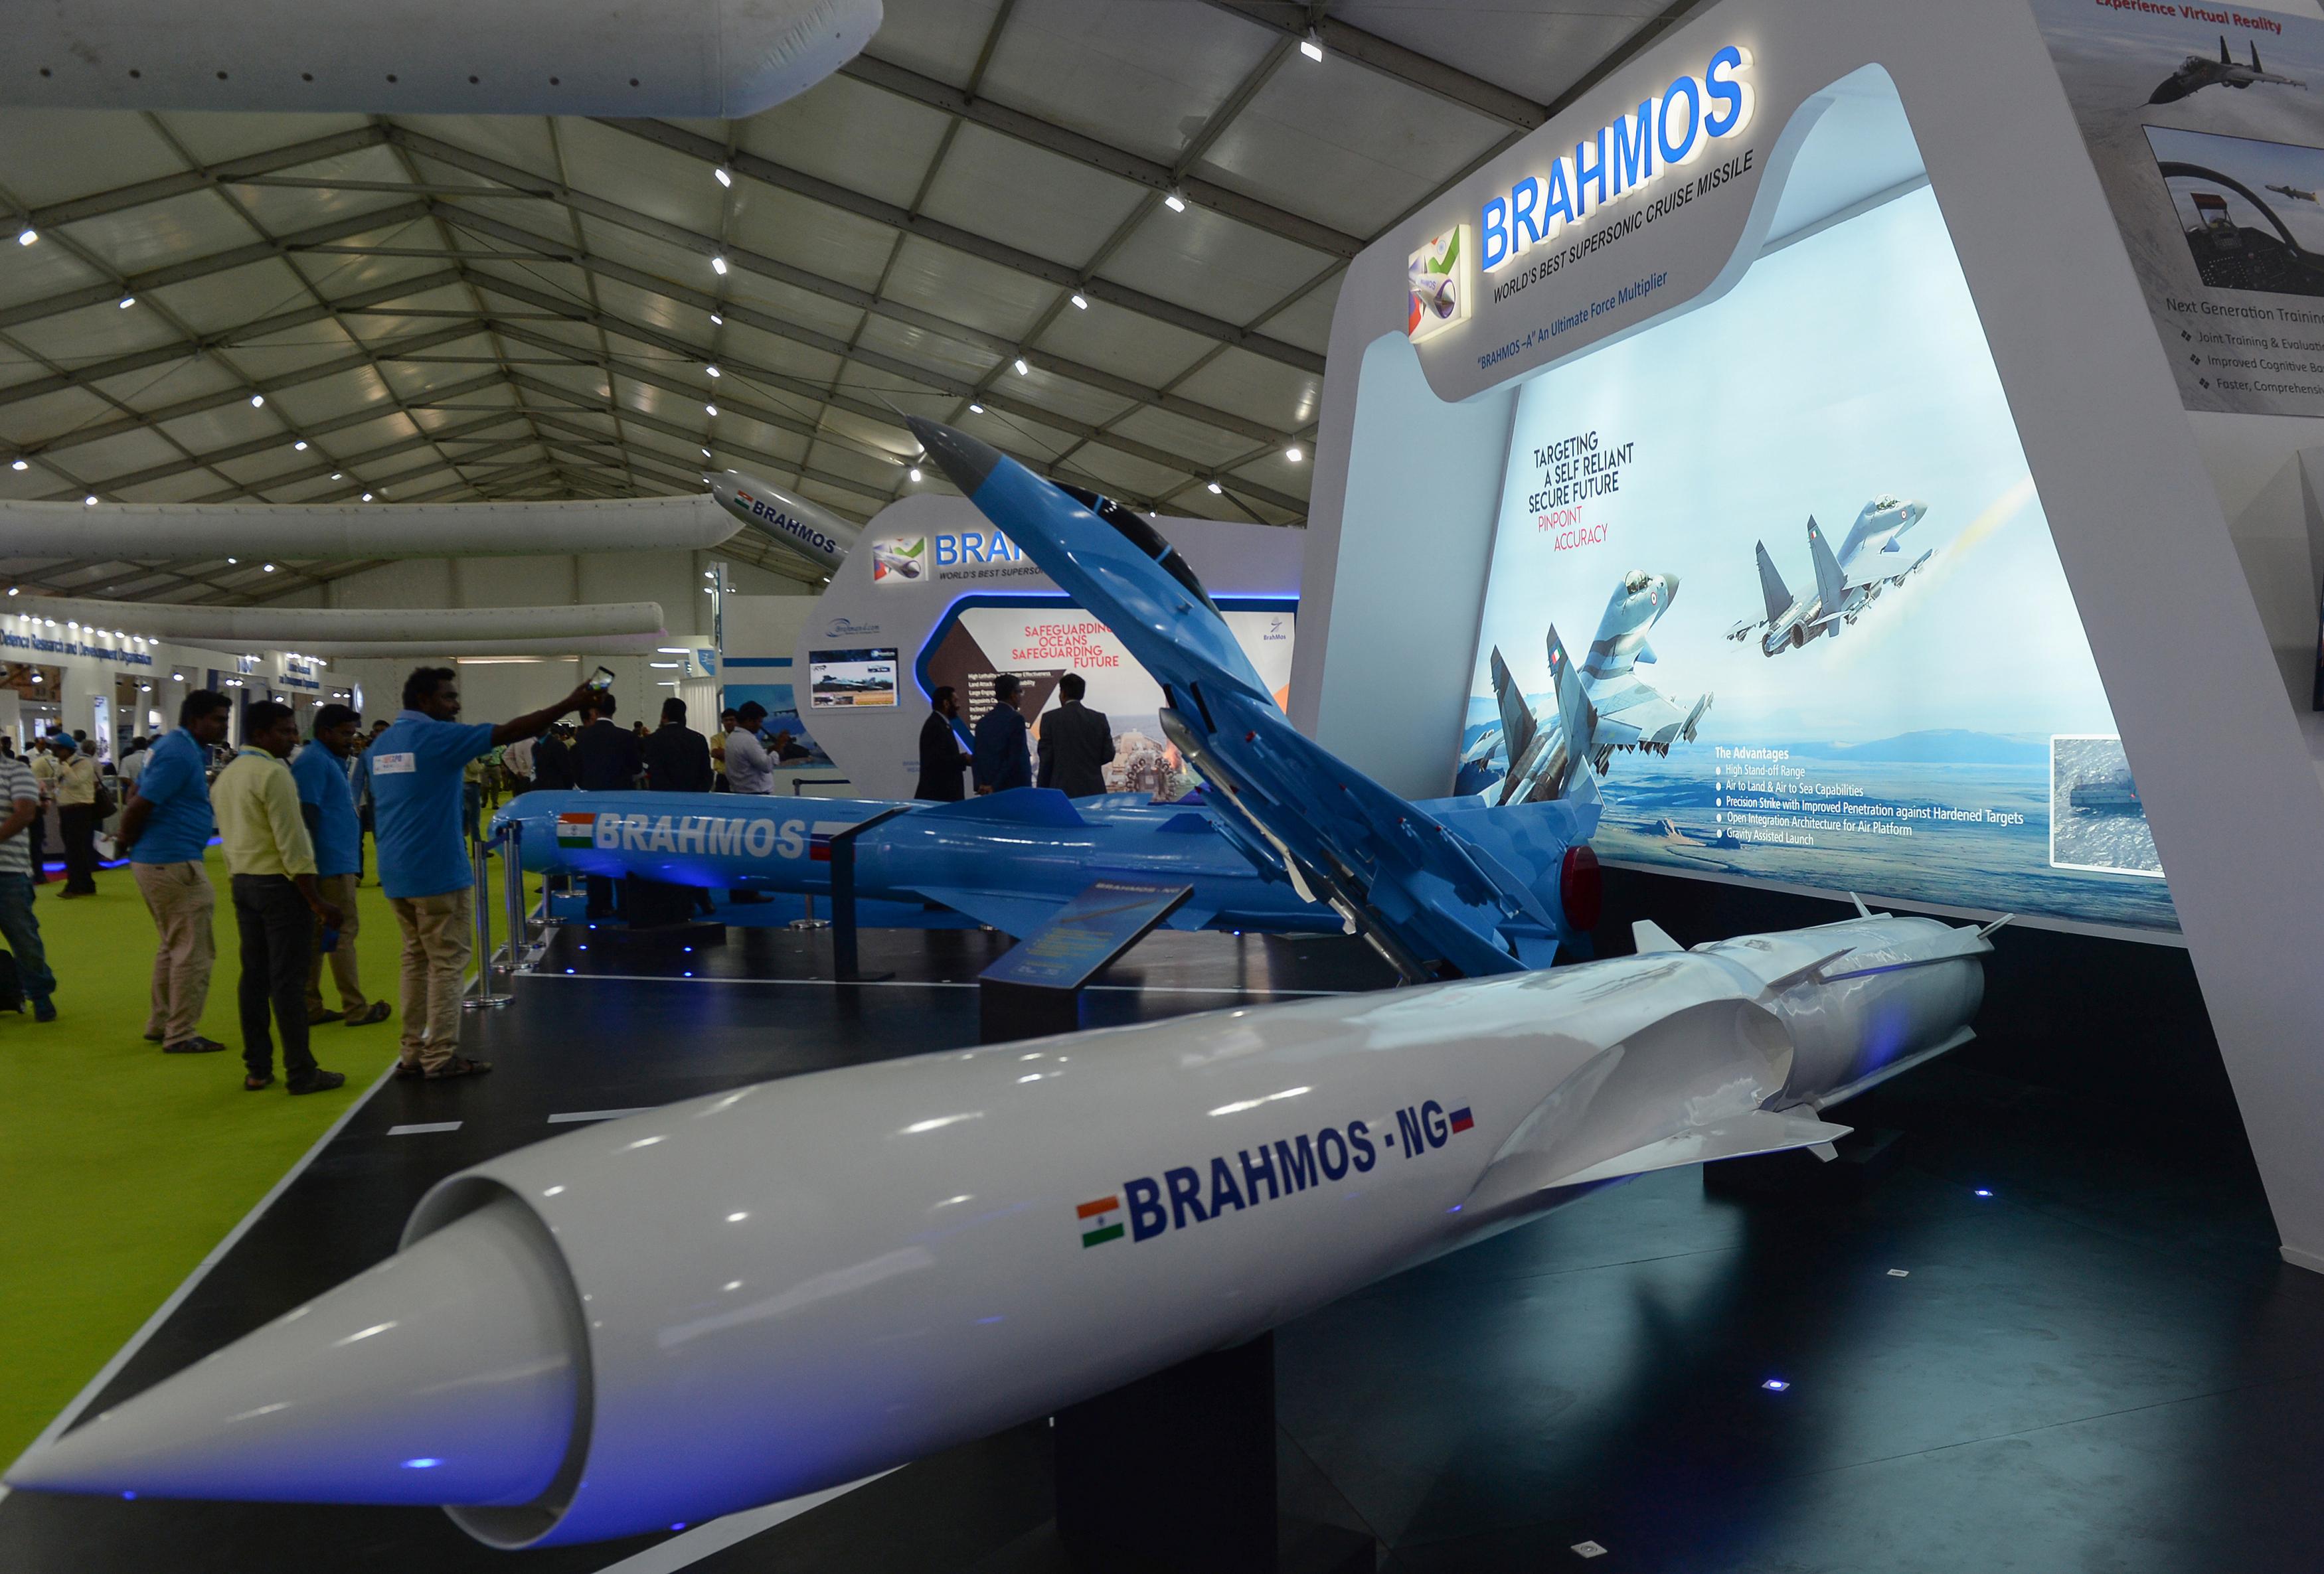 印度成功試射新型超音速導彈 向中共釋何信號